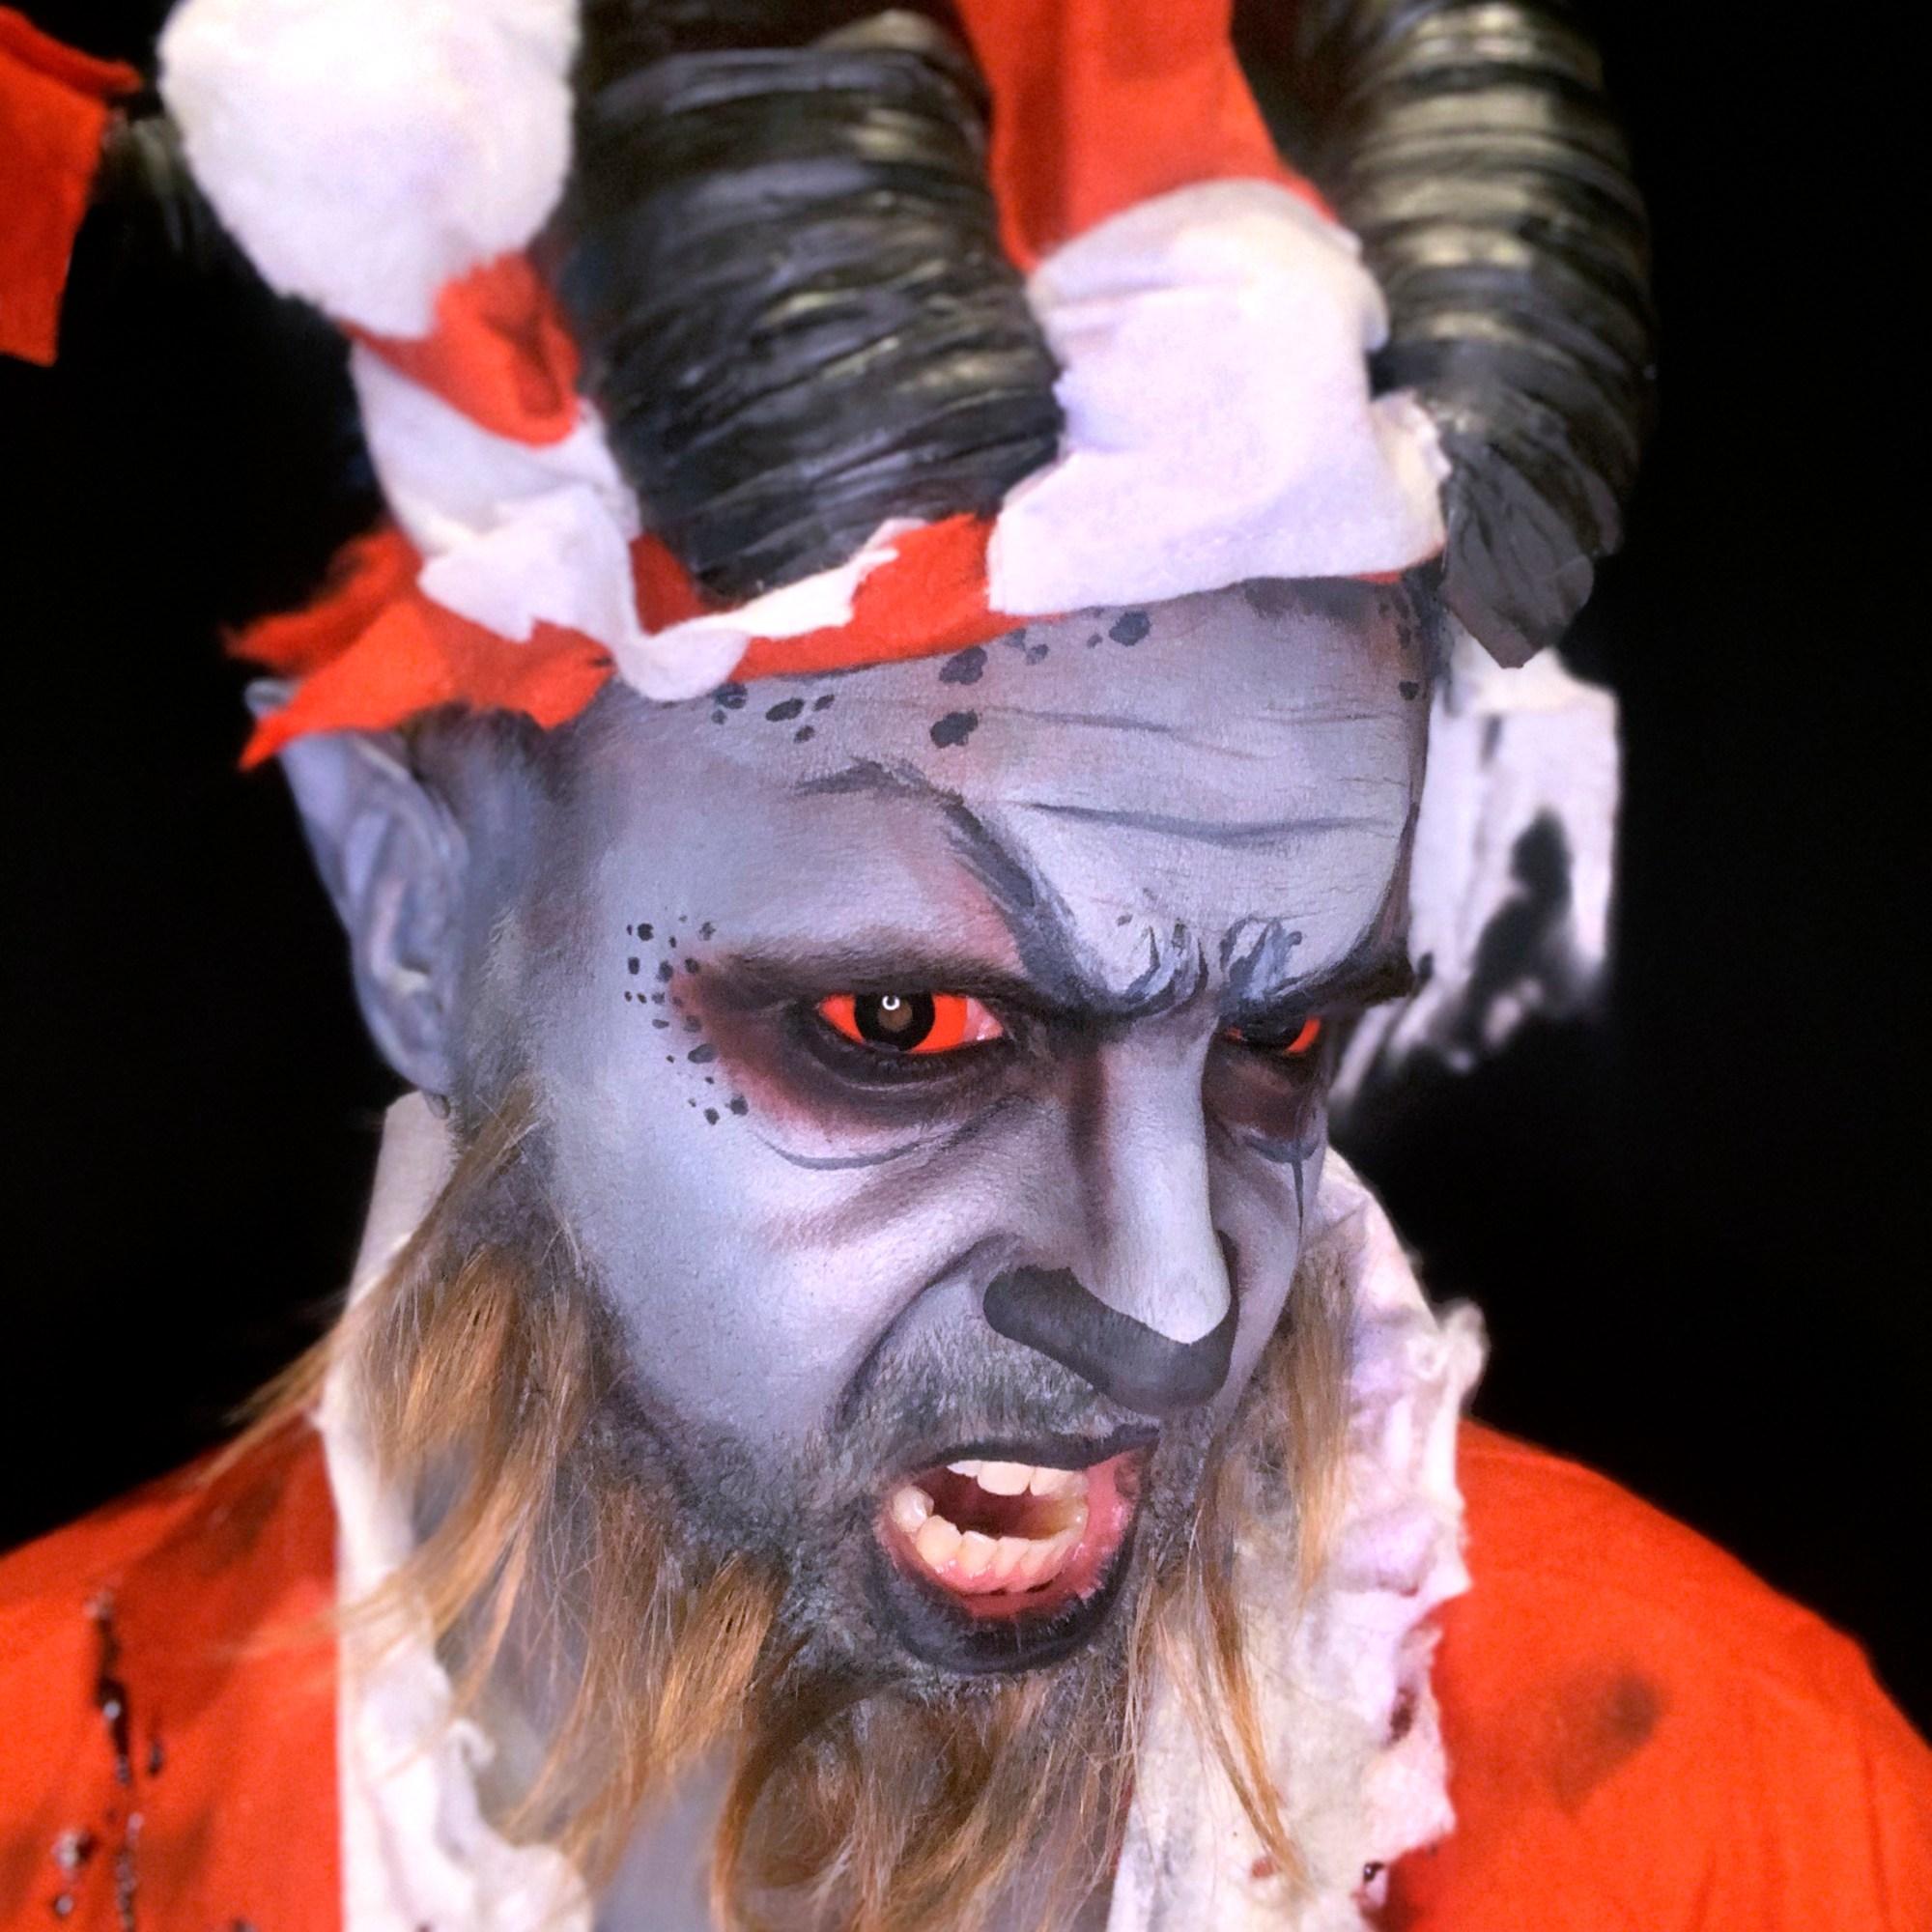 Brendan McWhirk as Krampus Claus